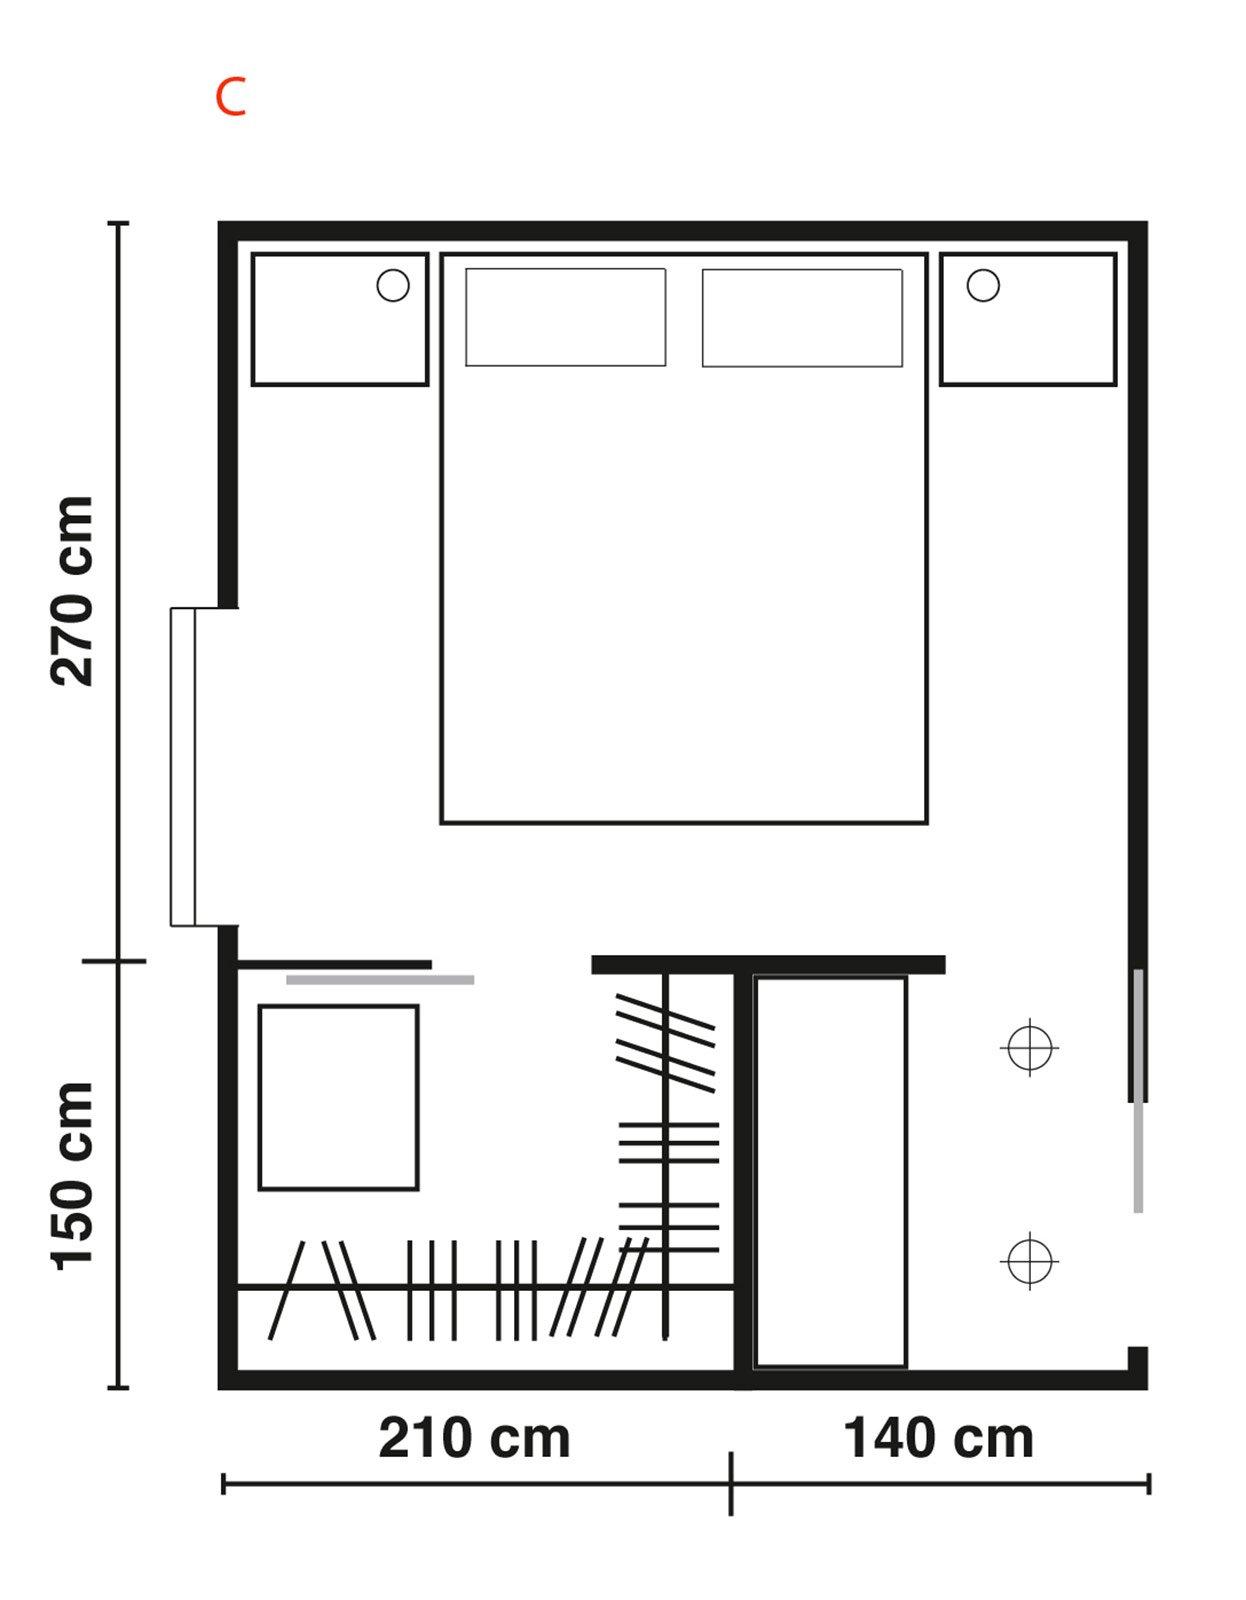 Cabine armadio progettiamo insieme lo spazio cose di casa for Affitti della cabina di whistler